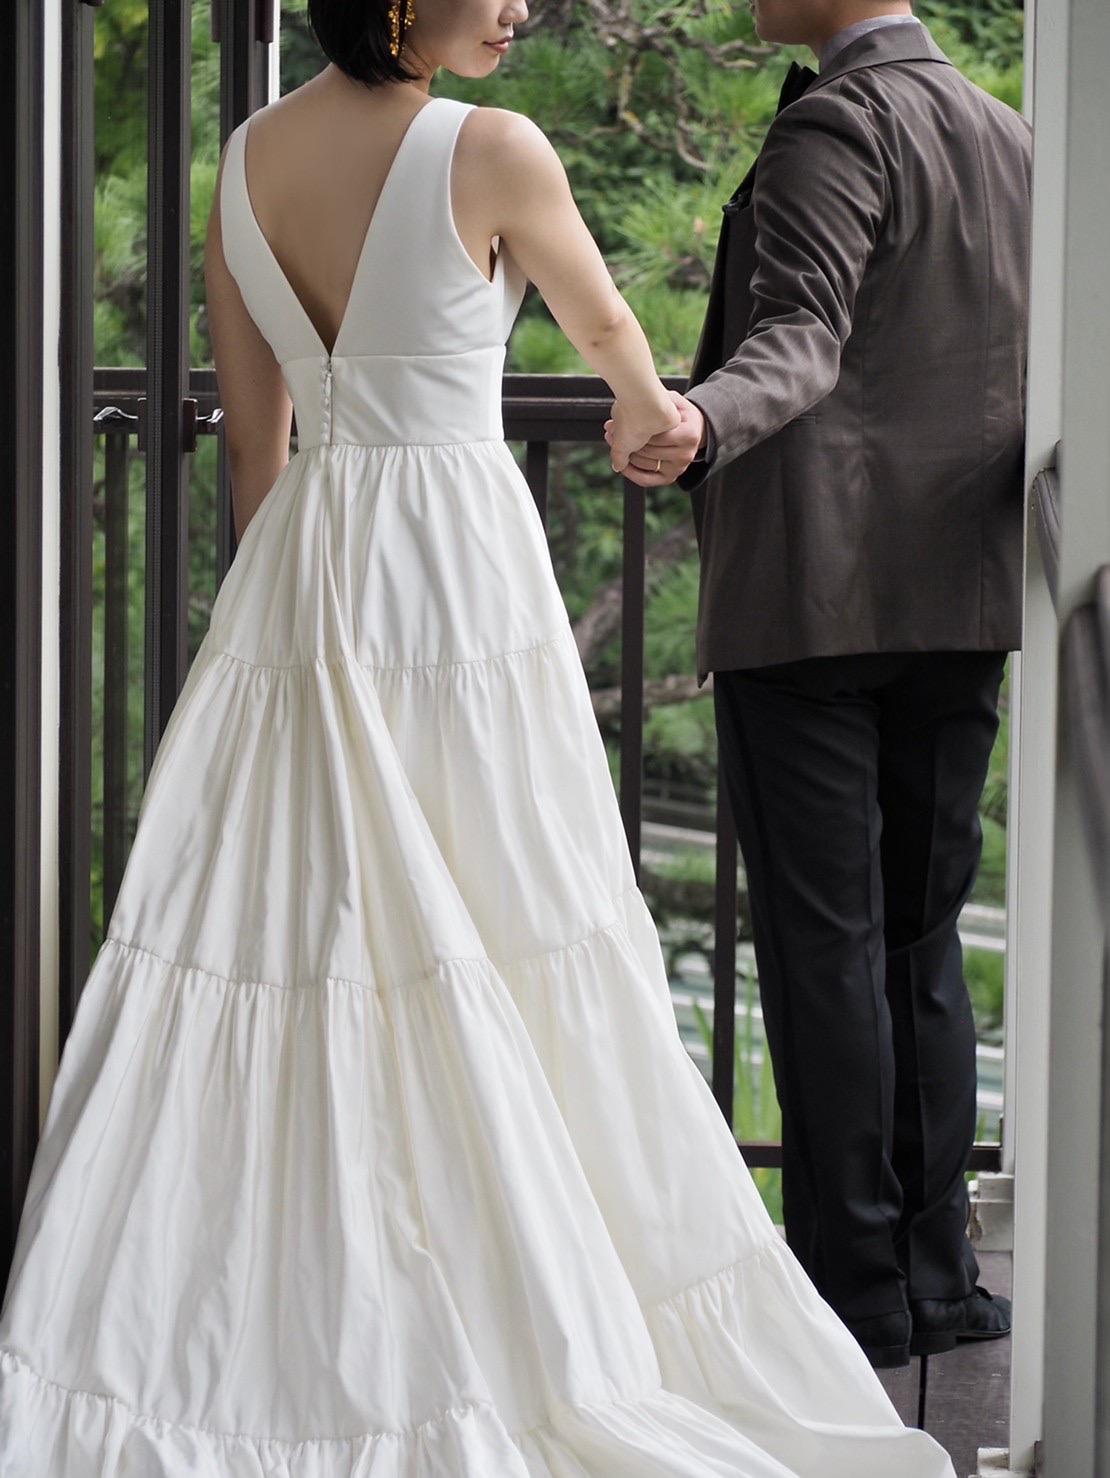 トリートドレッシング神戸店にてお取り扱いのあるショルダー付きのウェディングドレスのご紹介